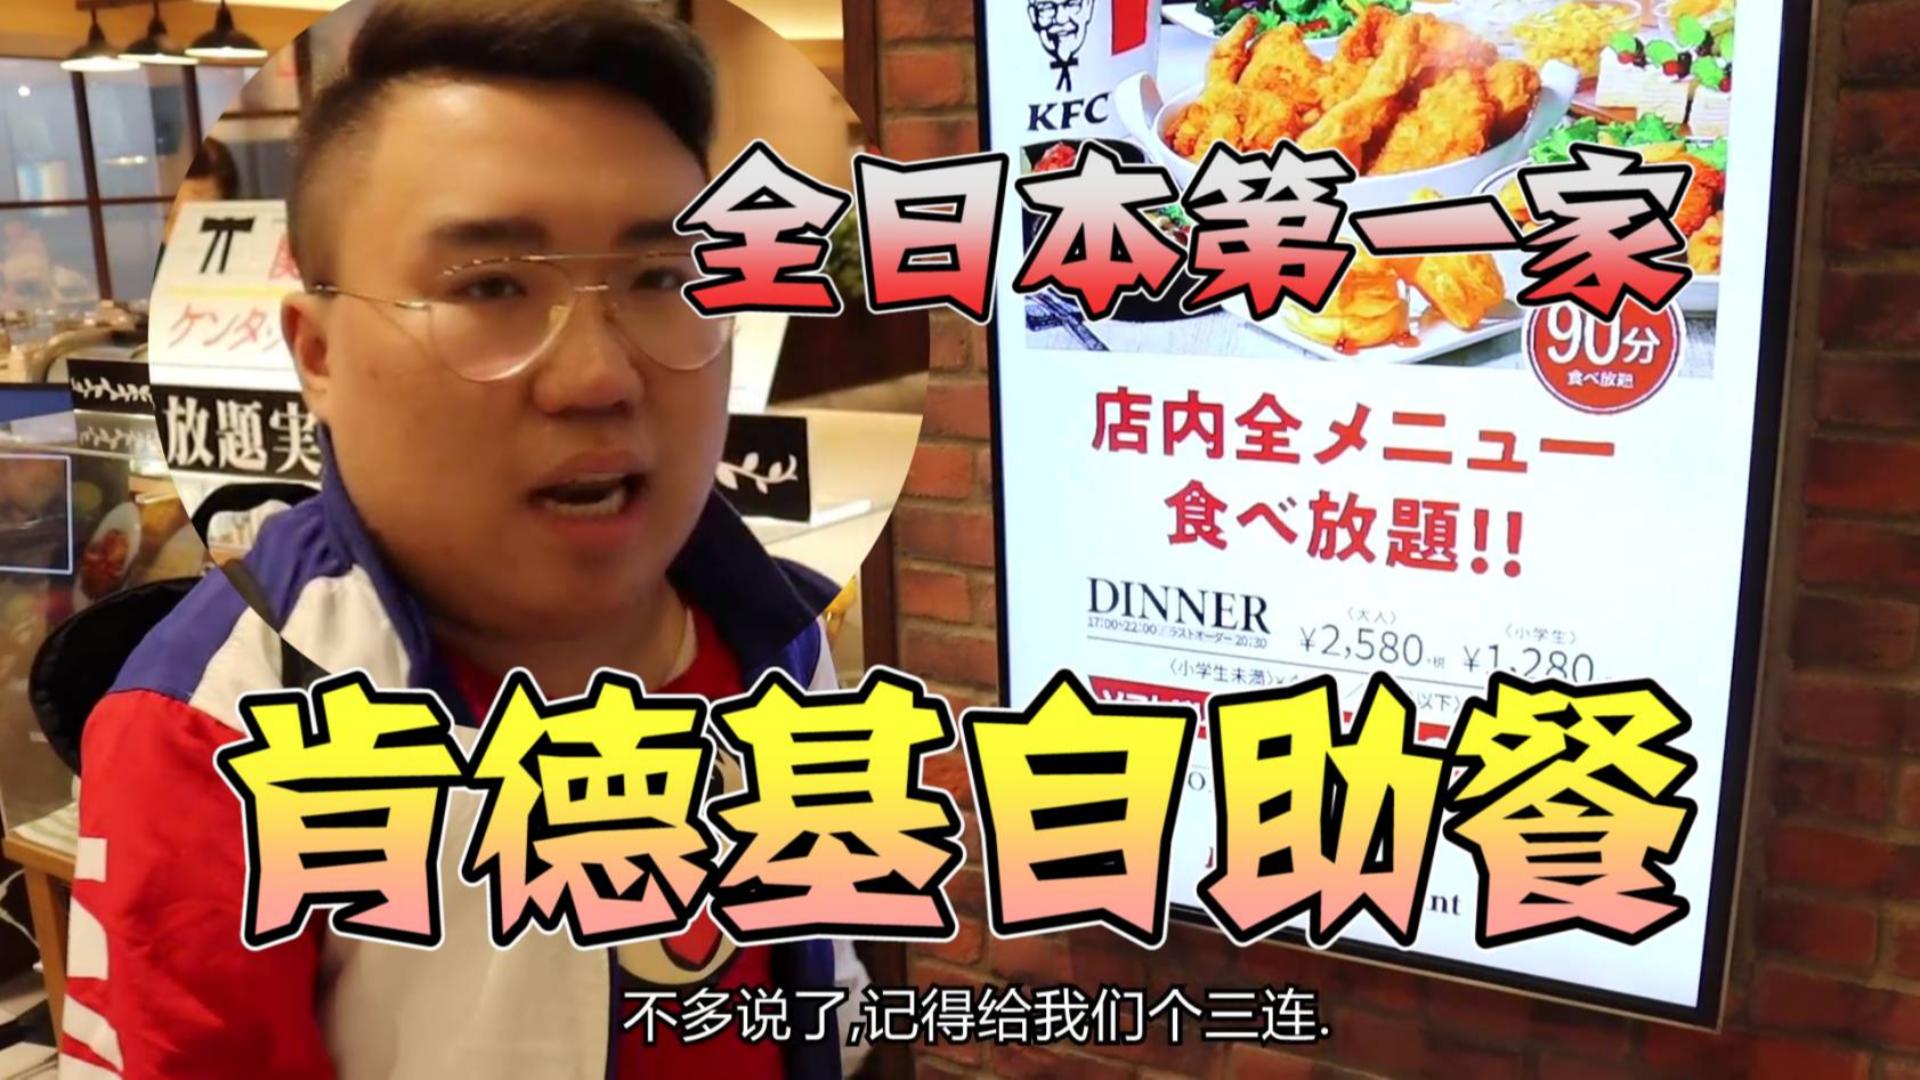 全日本第一家肯德基自助餐原味鸡吃到饱?